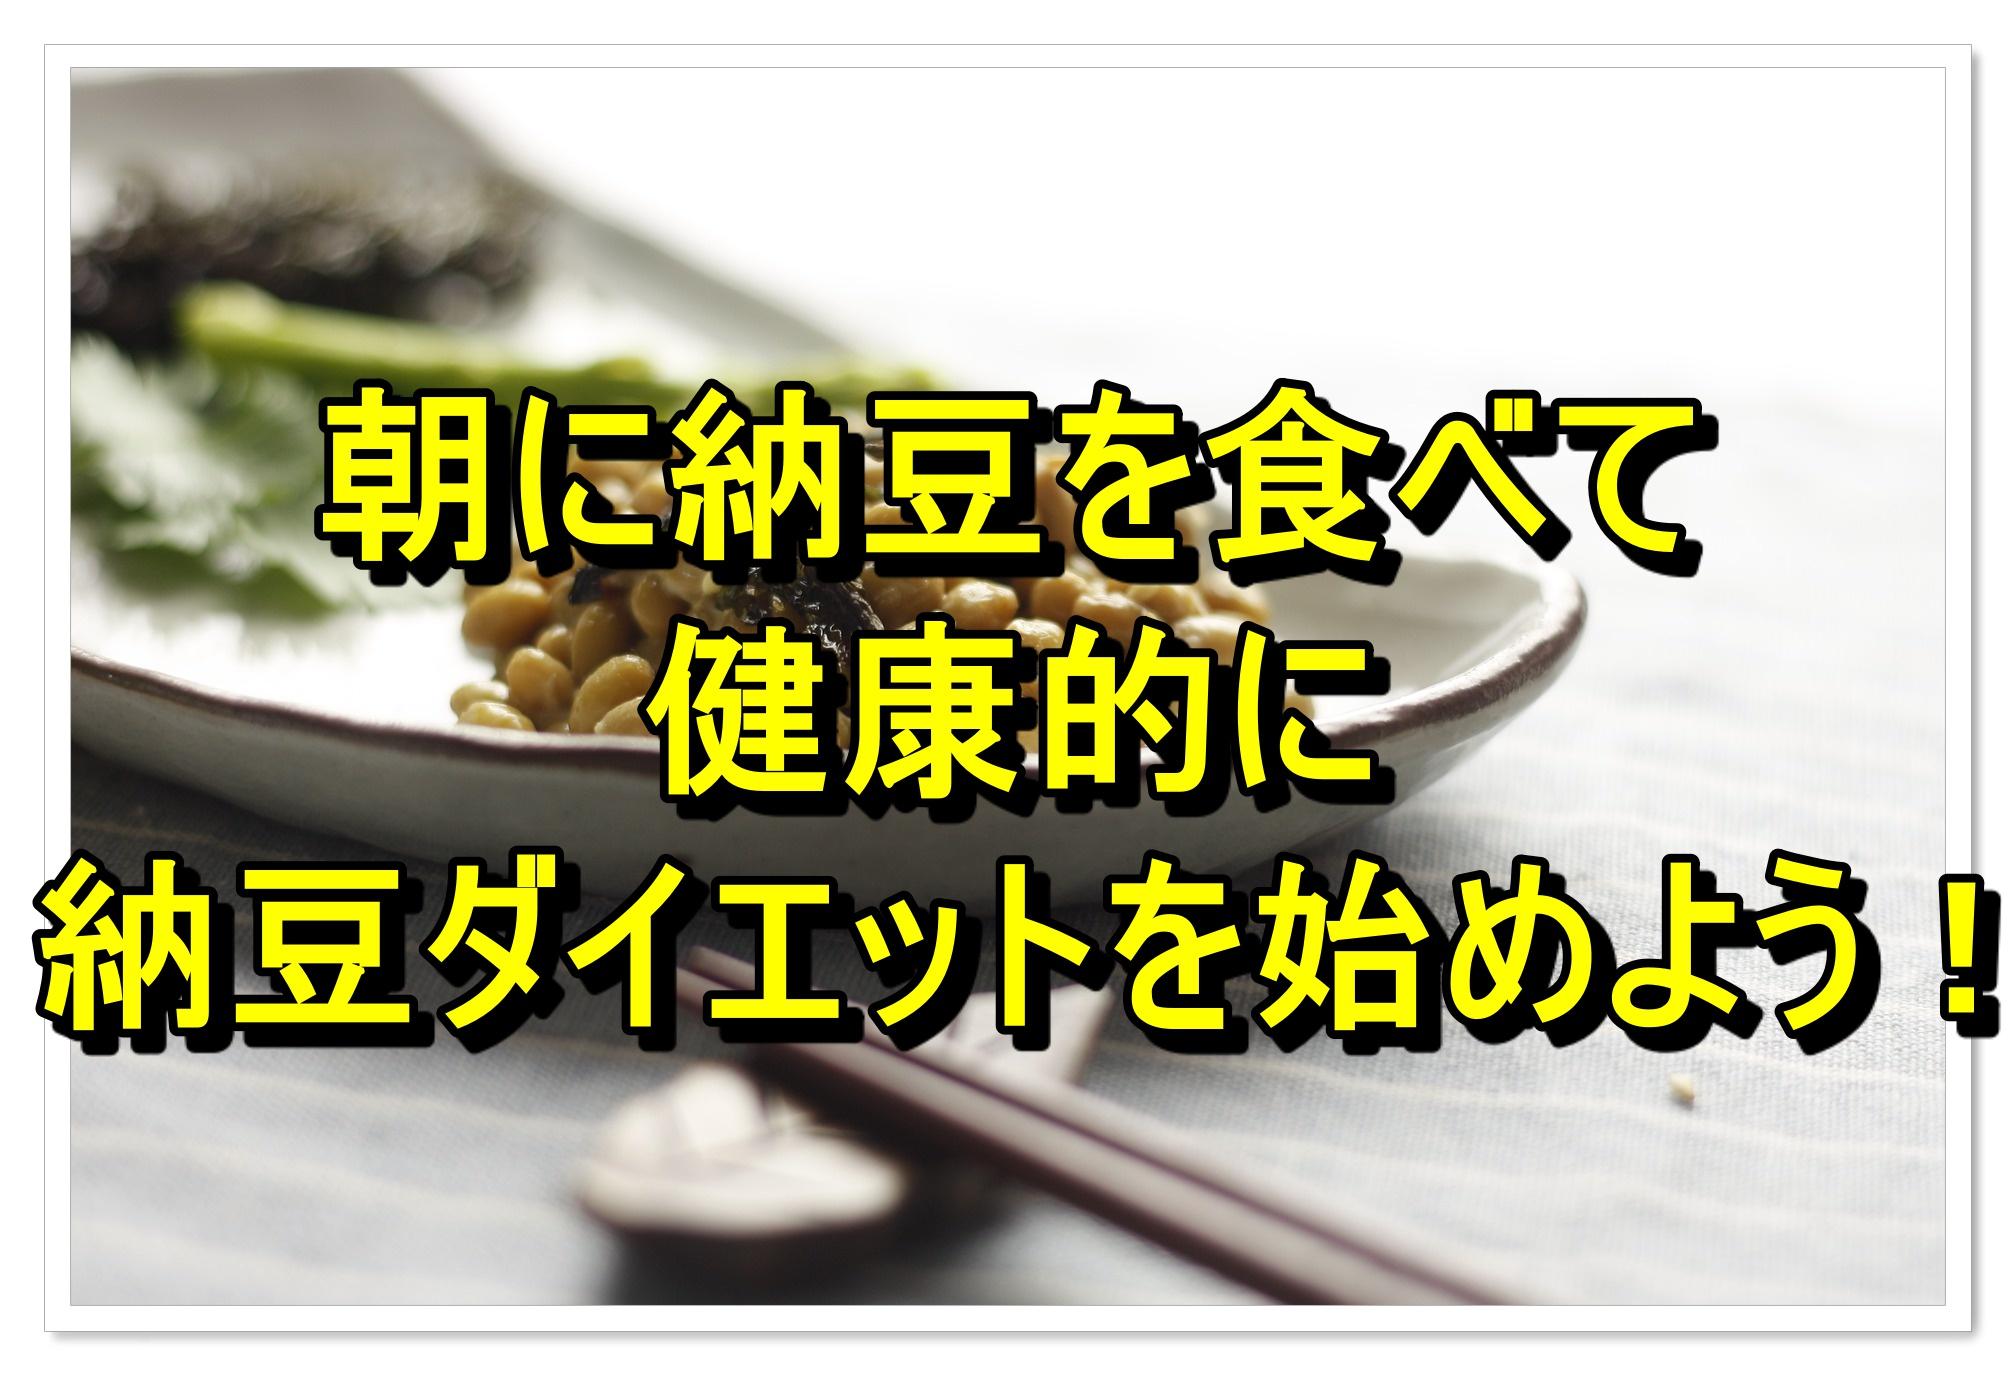 朝食に納豆を食べると良いってホント?朝納豆ダイエット調べ